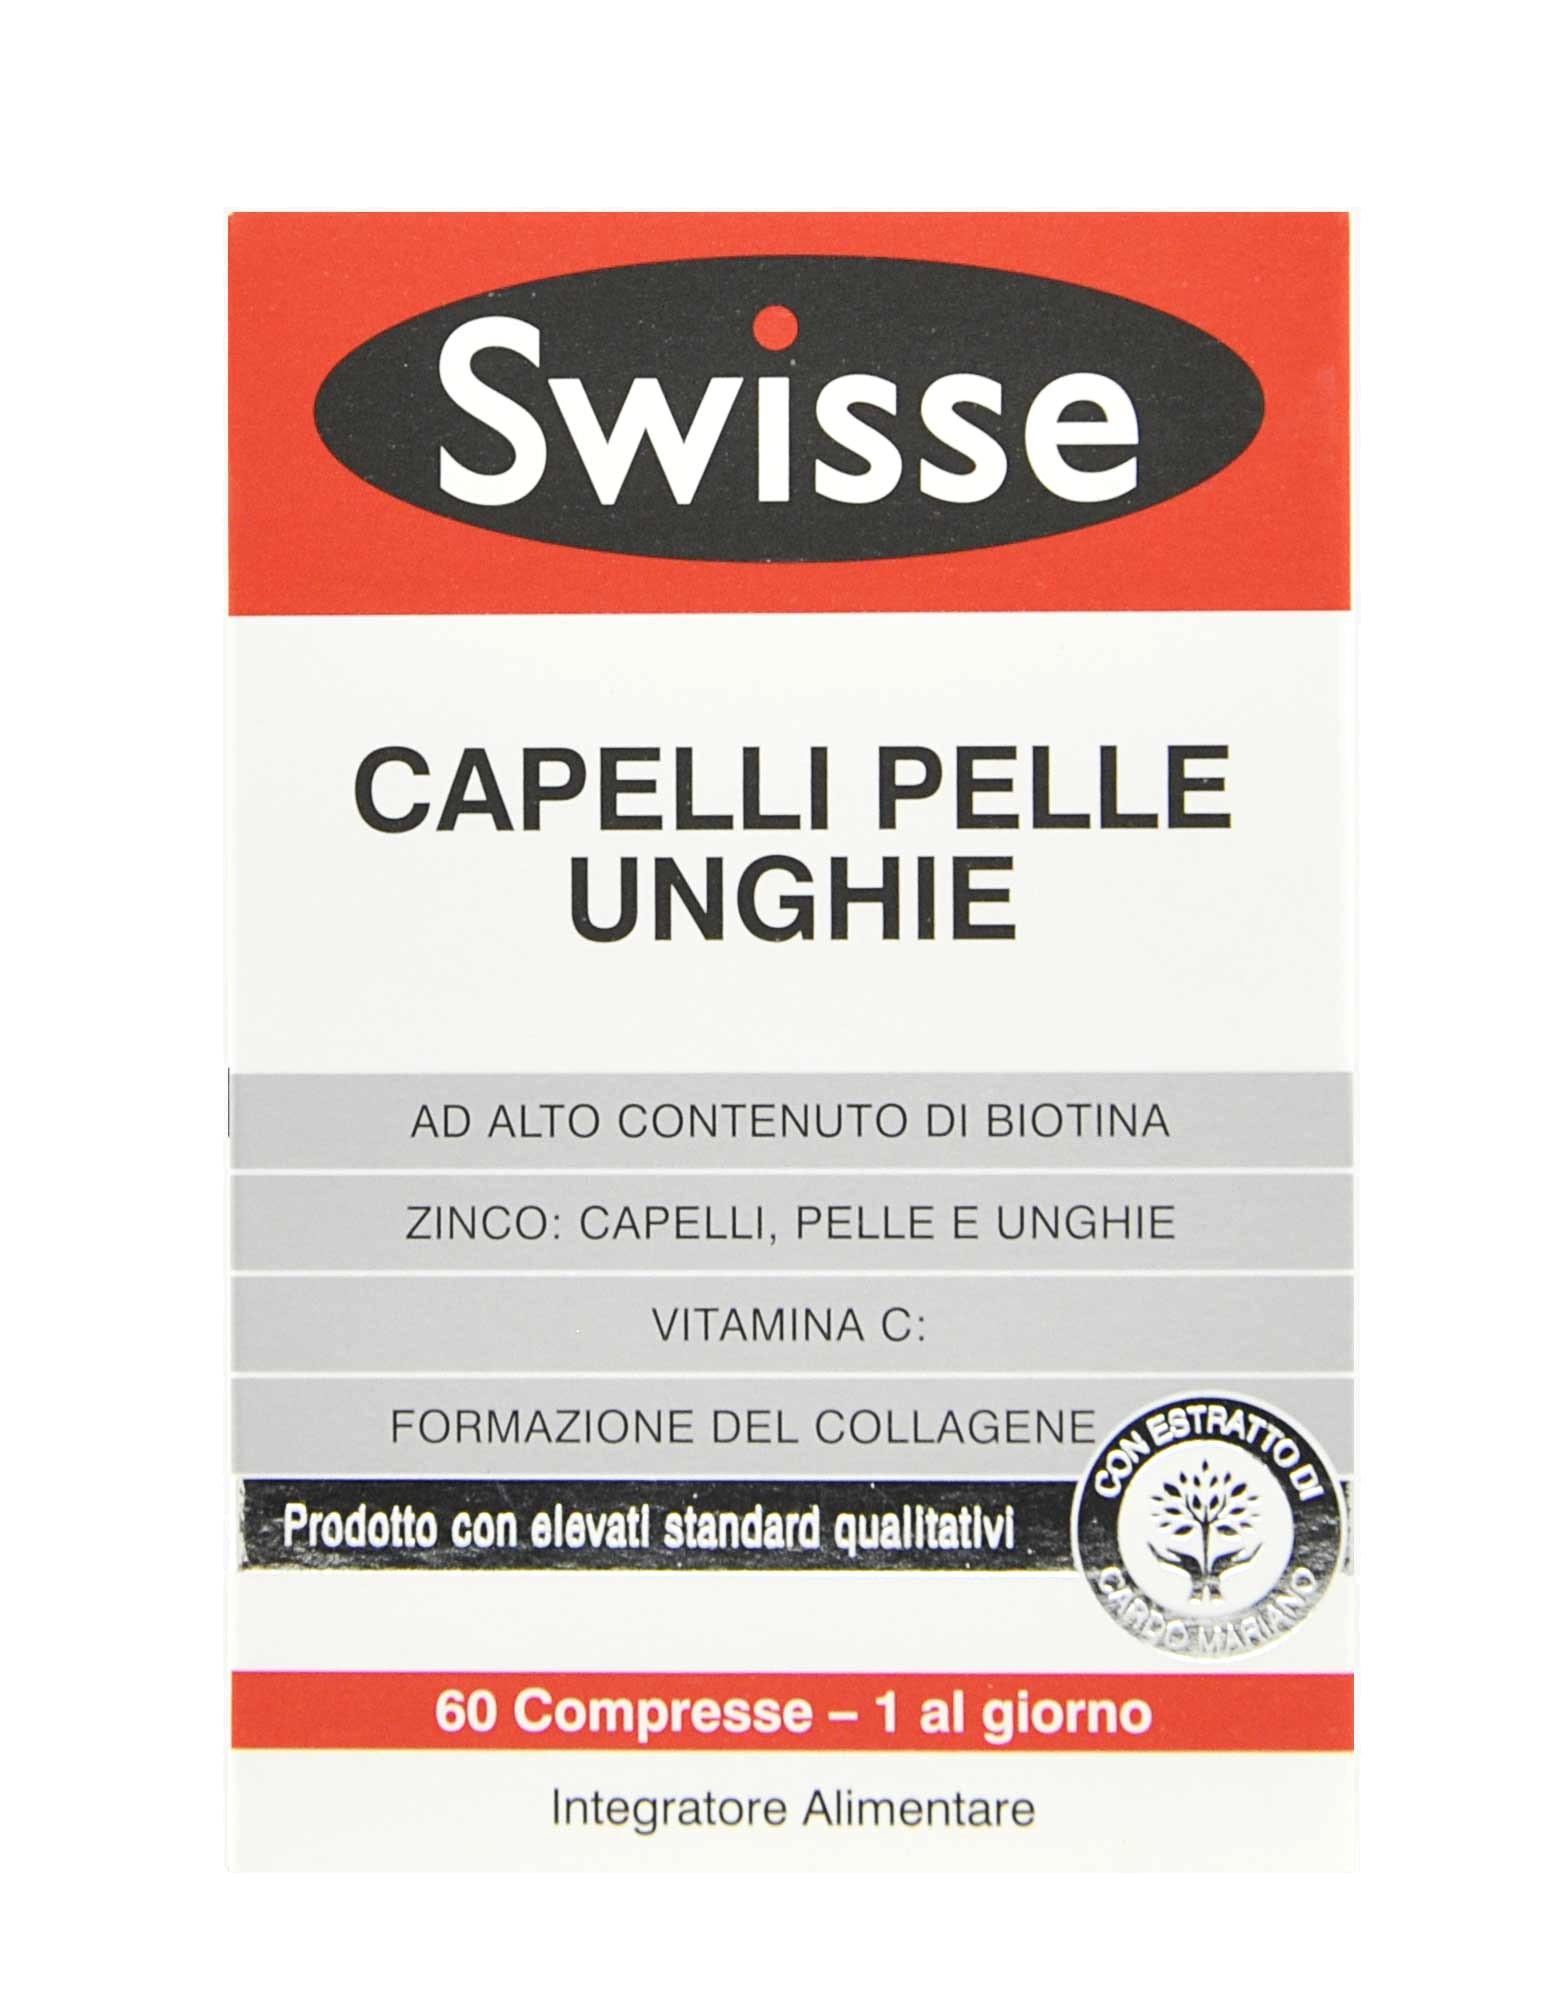 swisse capelli pelle unghie  Capelli Pelle Unghie di SWISSE (60 compresse)